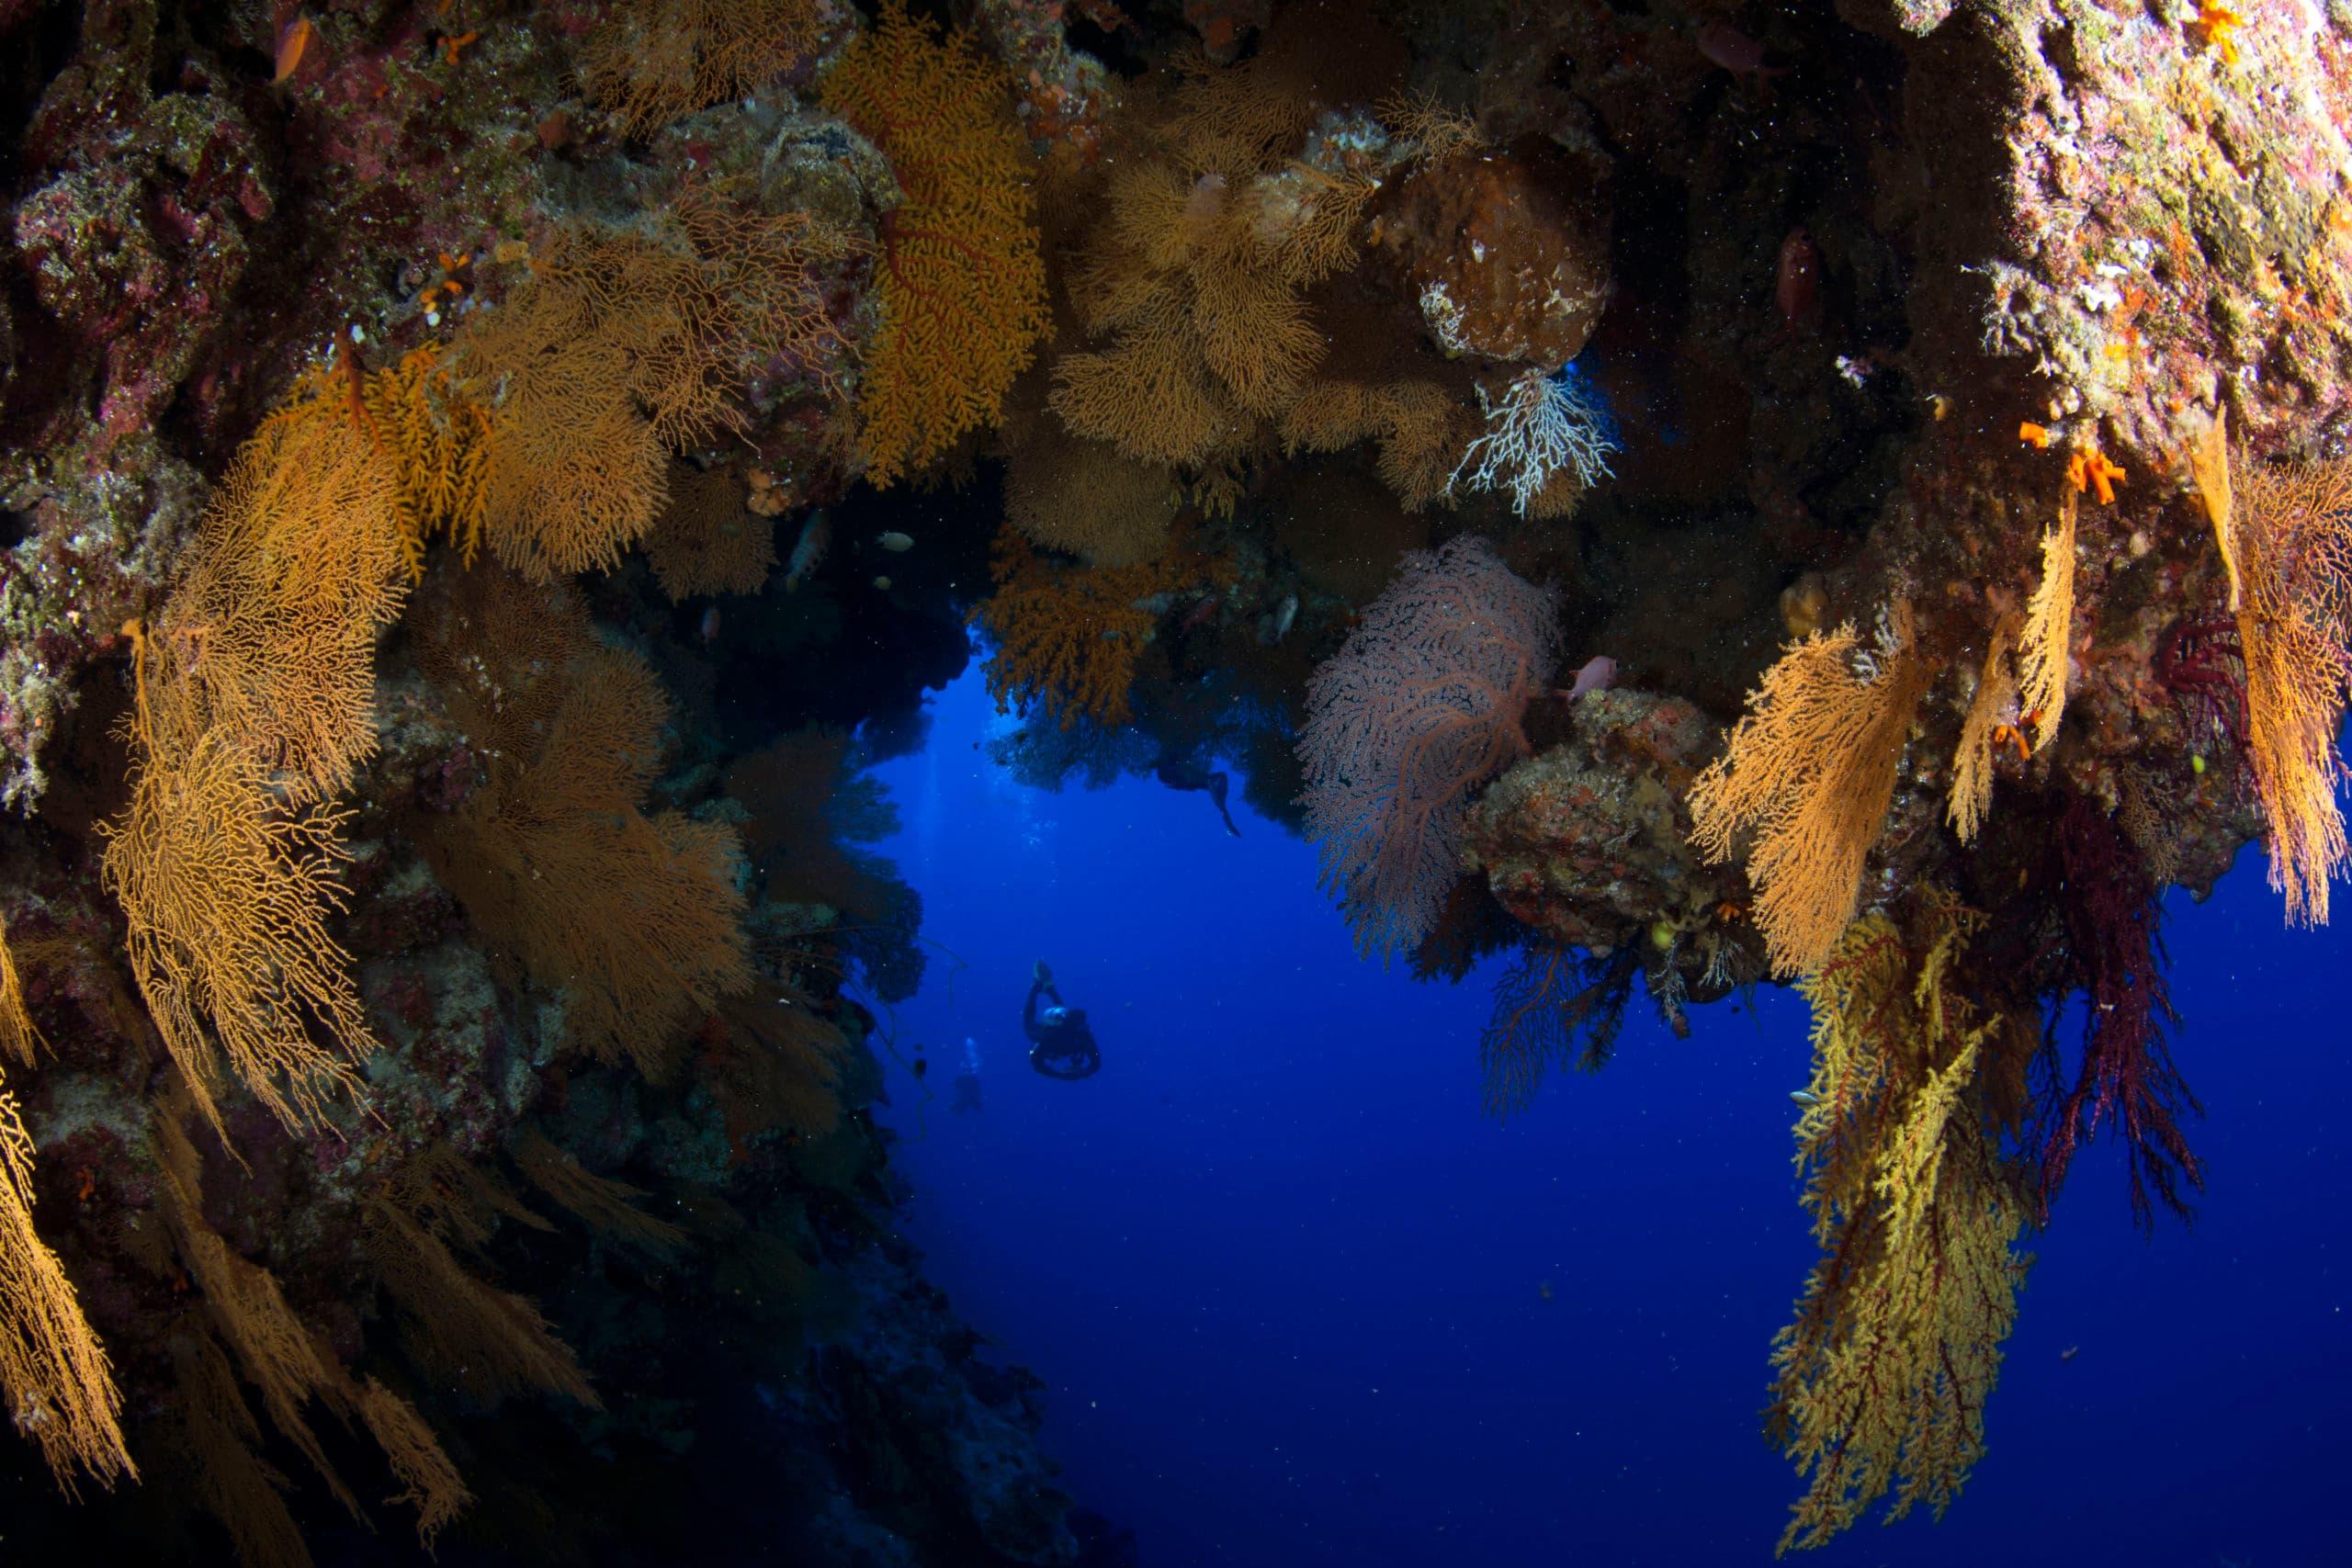 Snaking sandy gullies cut a path through hard coral-encrusted ridges